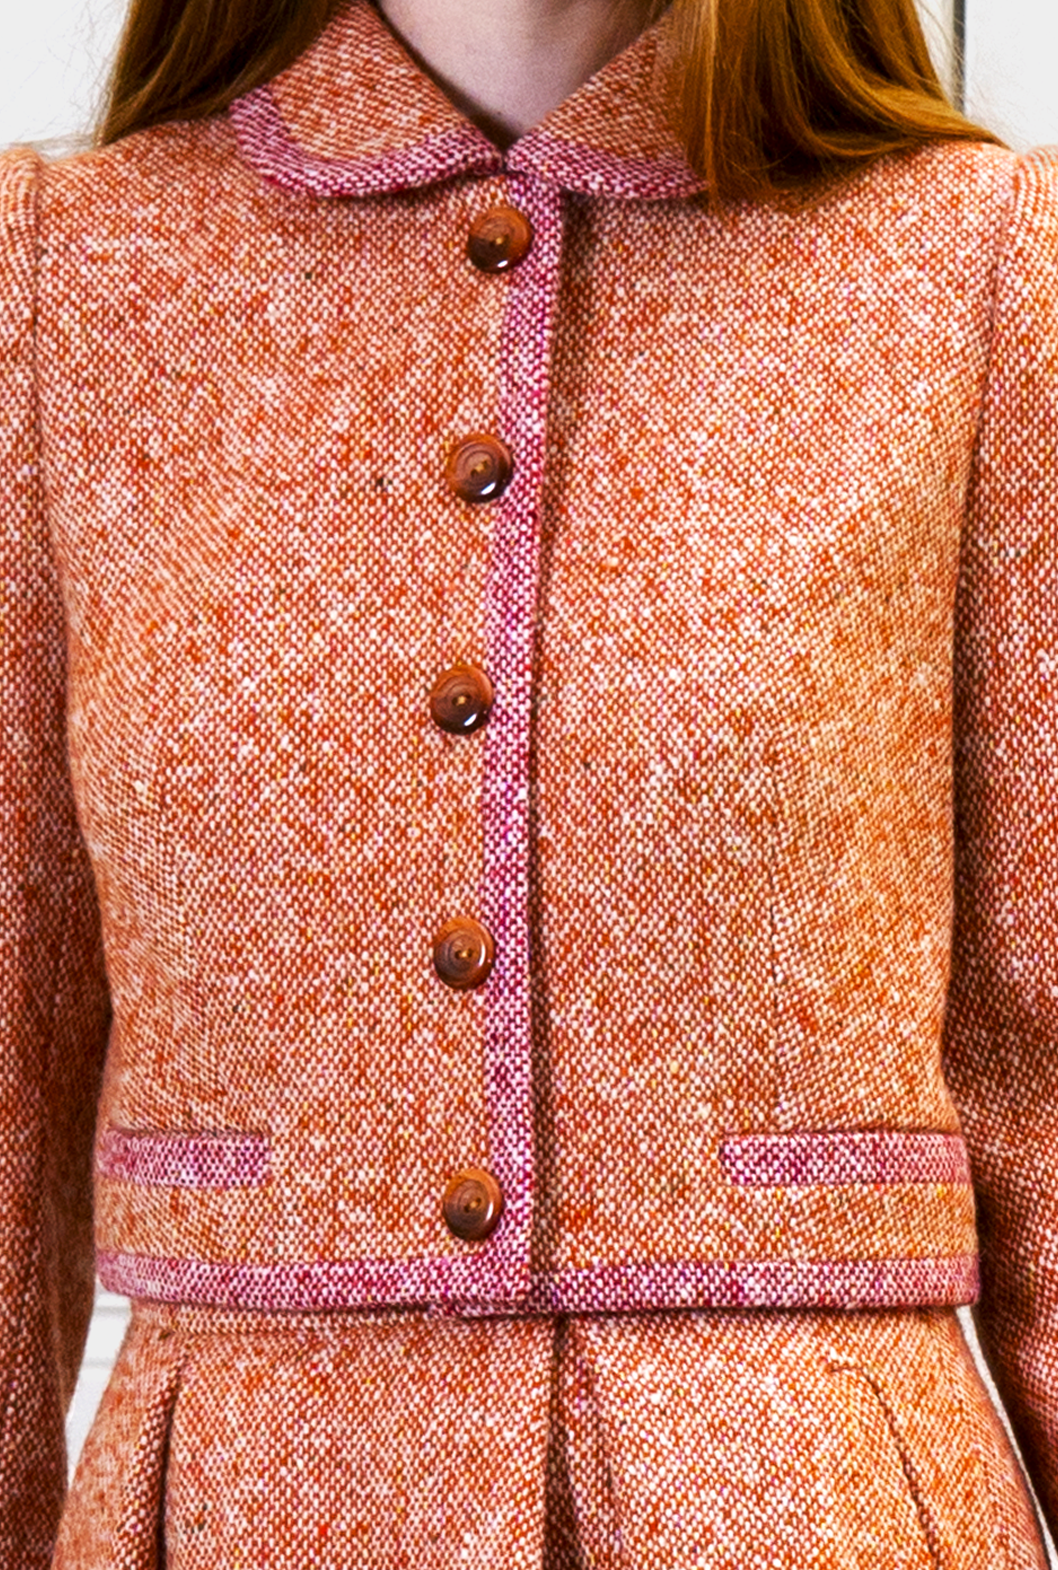 4 S Pink +Orange Tweed Suit Detail.png